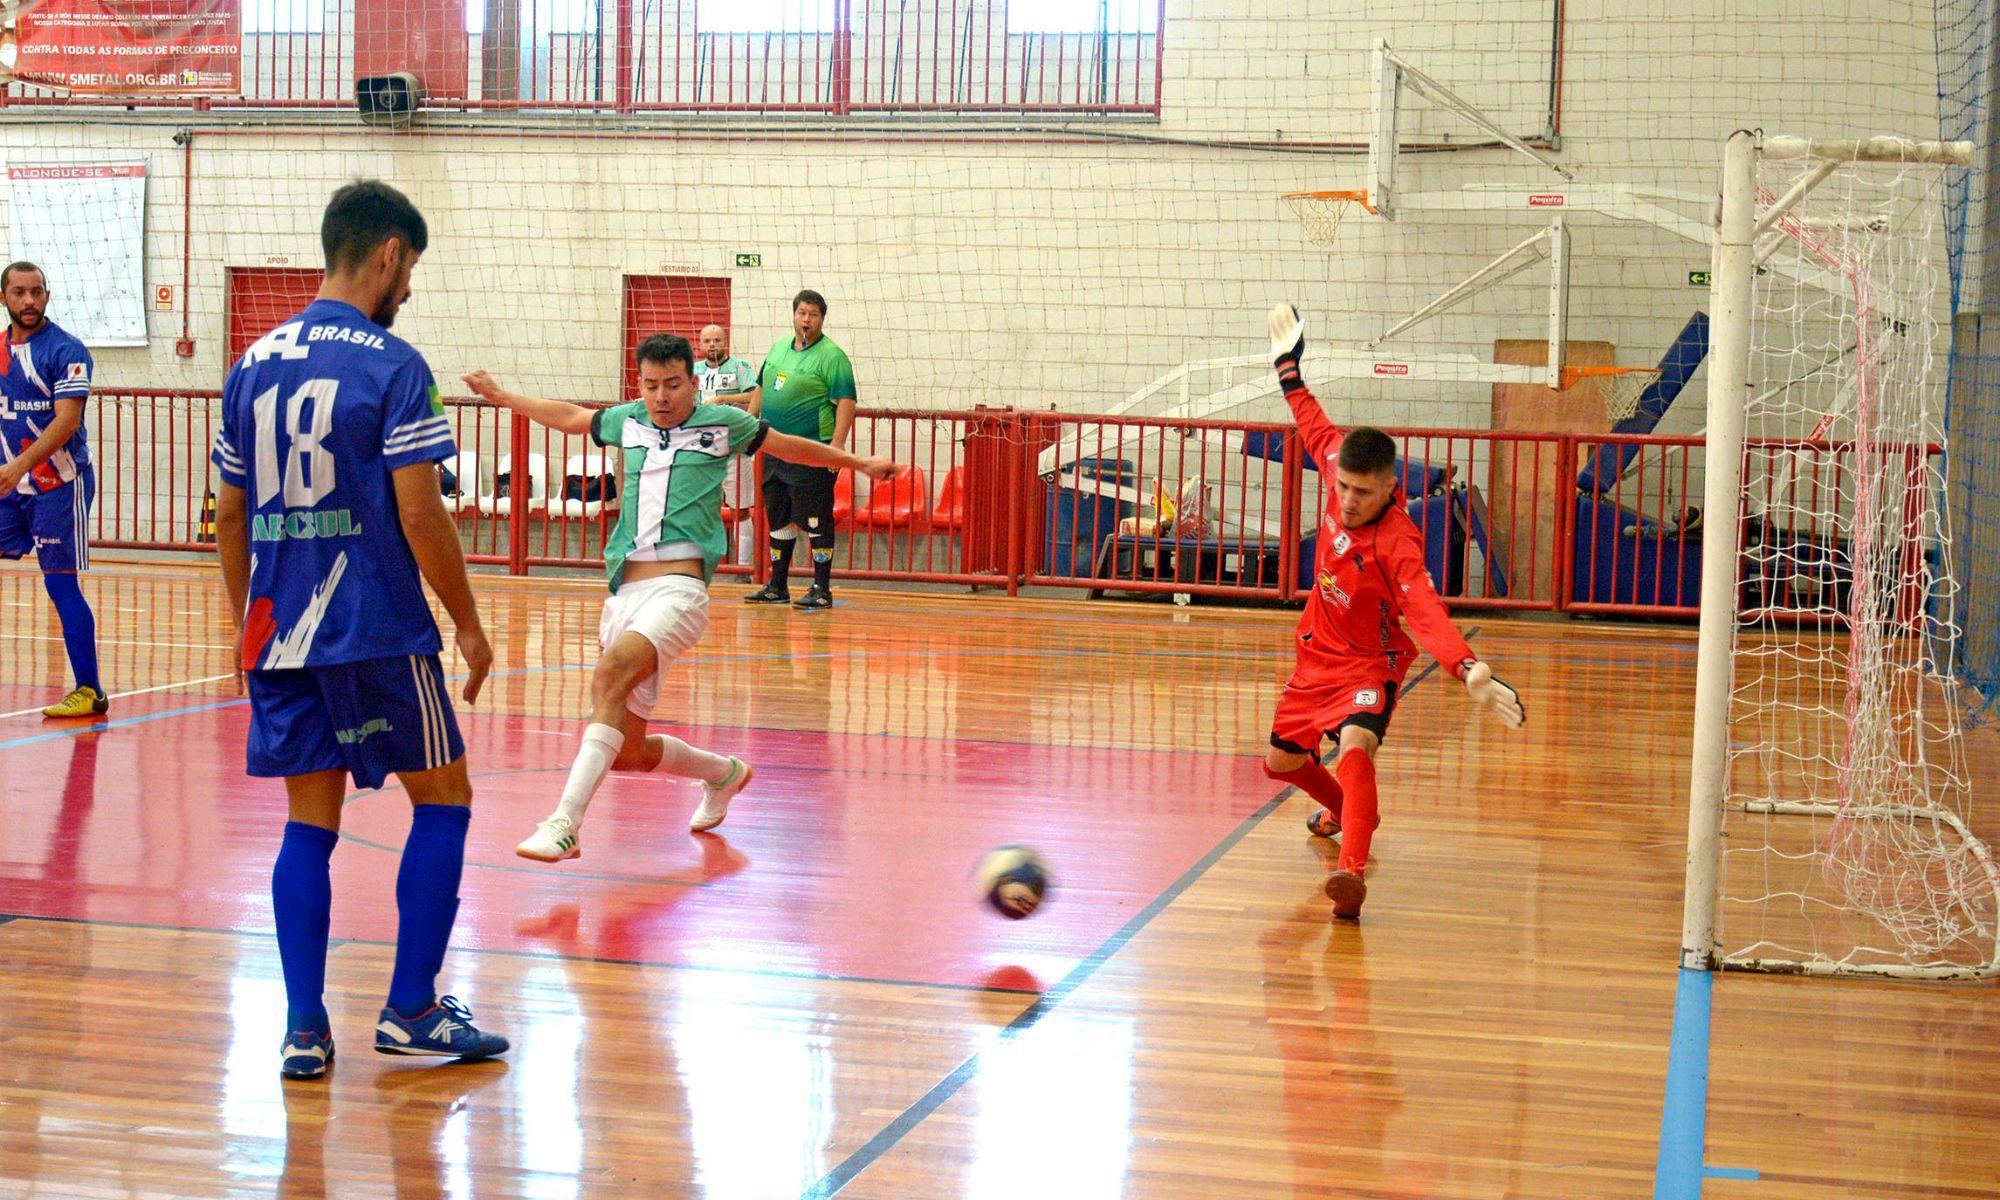 clube, torneio, futsal, smetal, papagaio, taça, partida, jogo, Foguinho/Imprensa SMetal